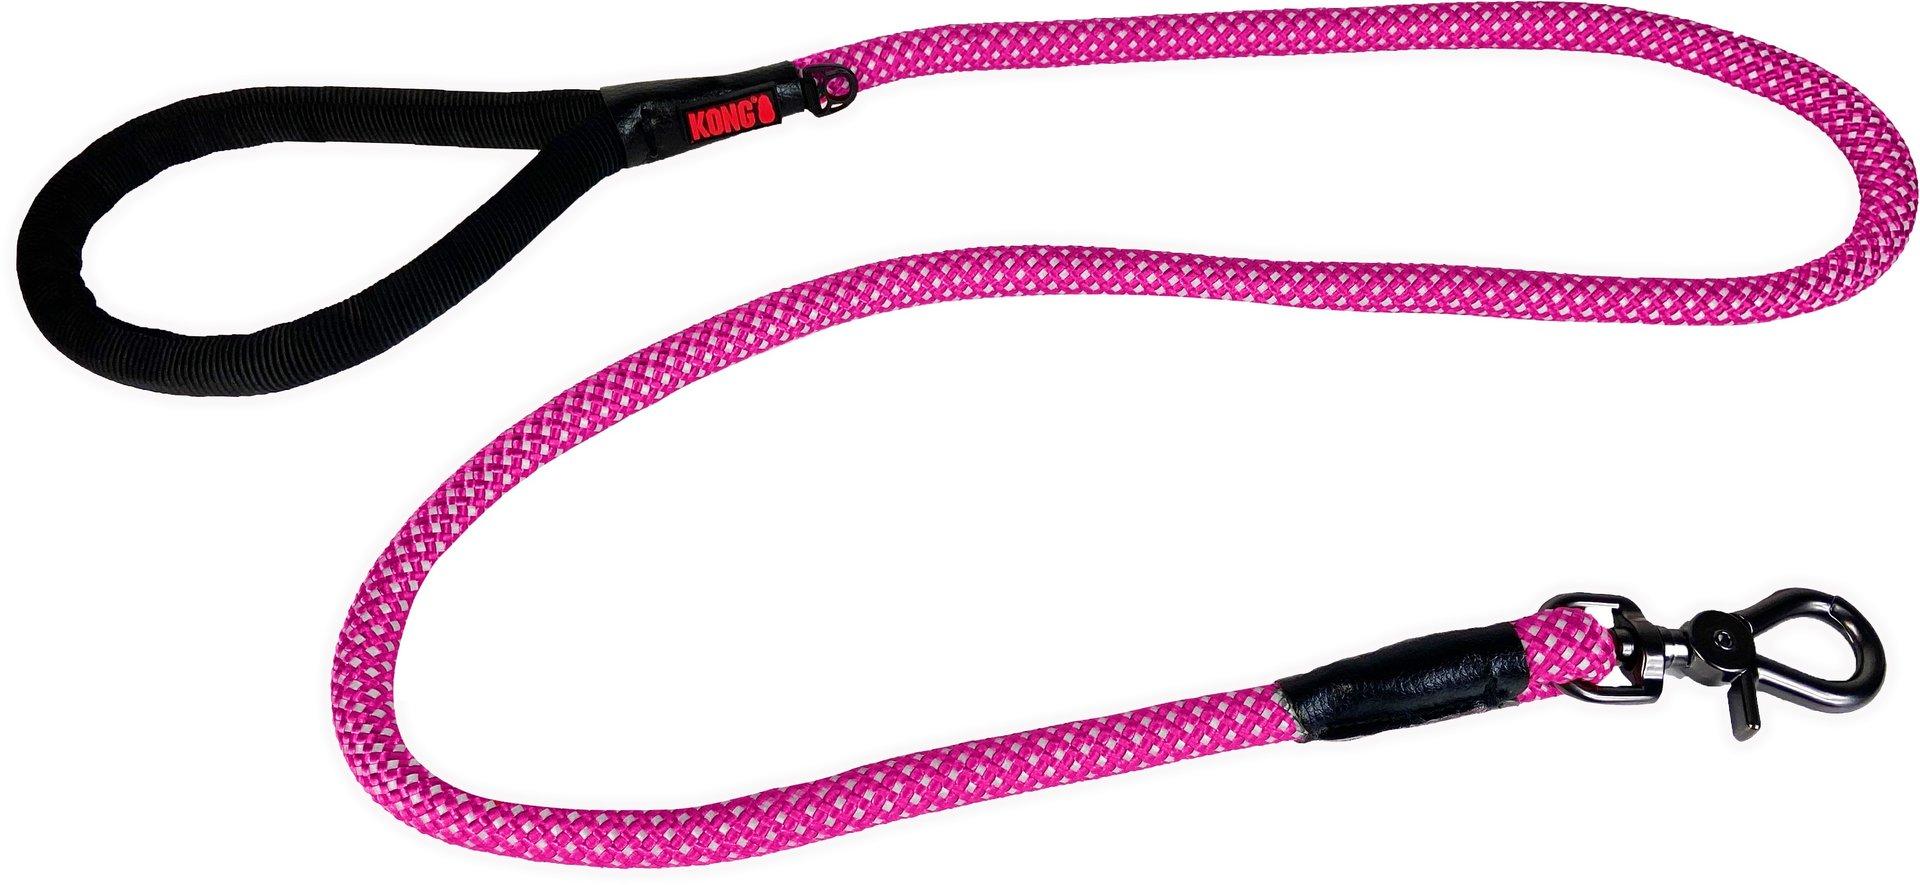 KONG Seil Leine One Size 14 mm x 1,5 m Fuchsia